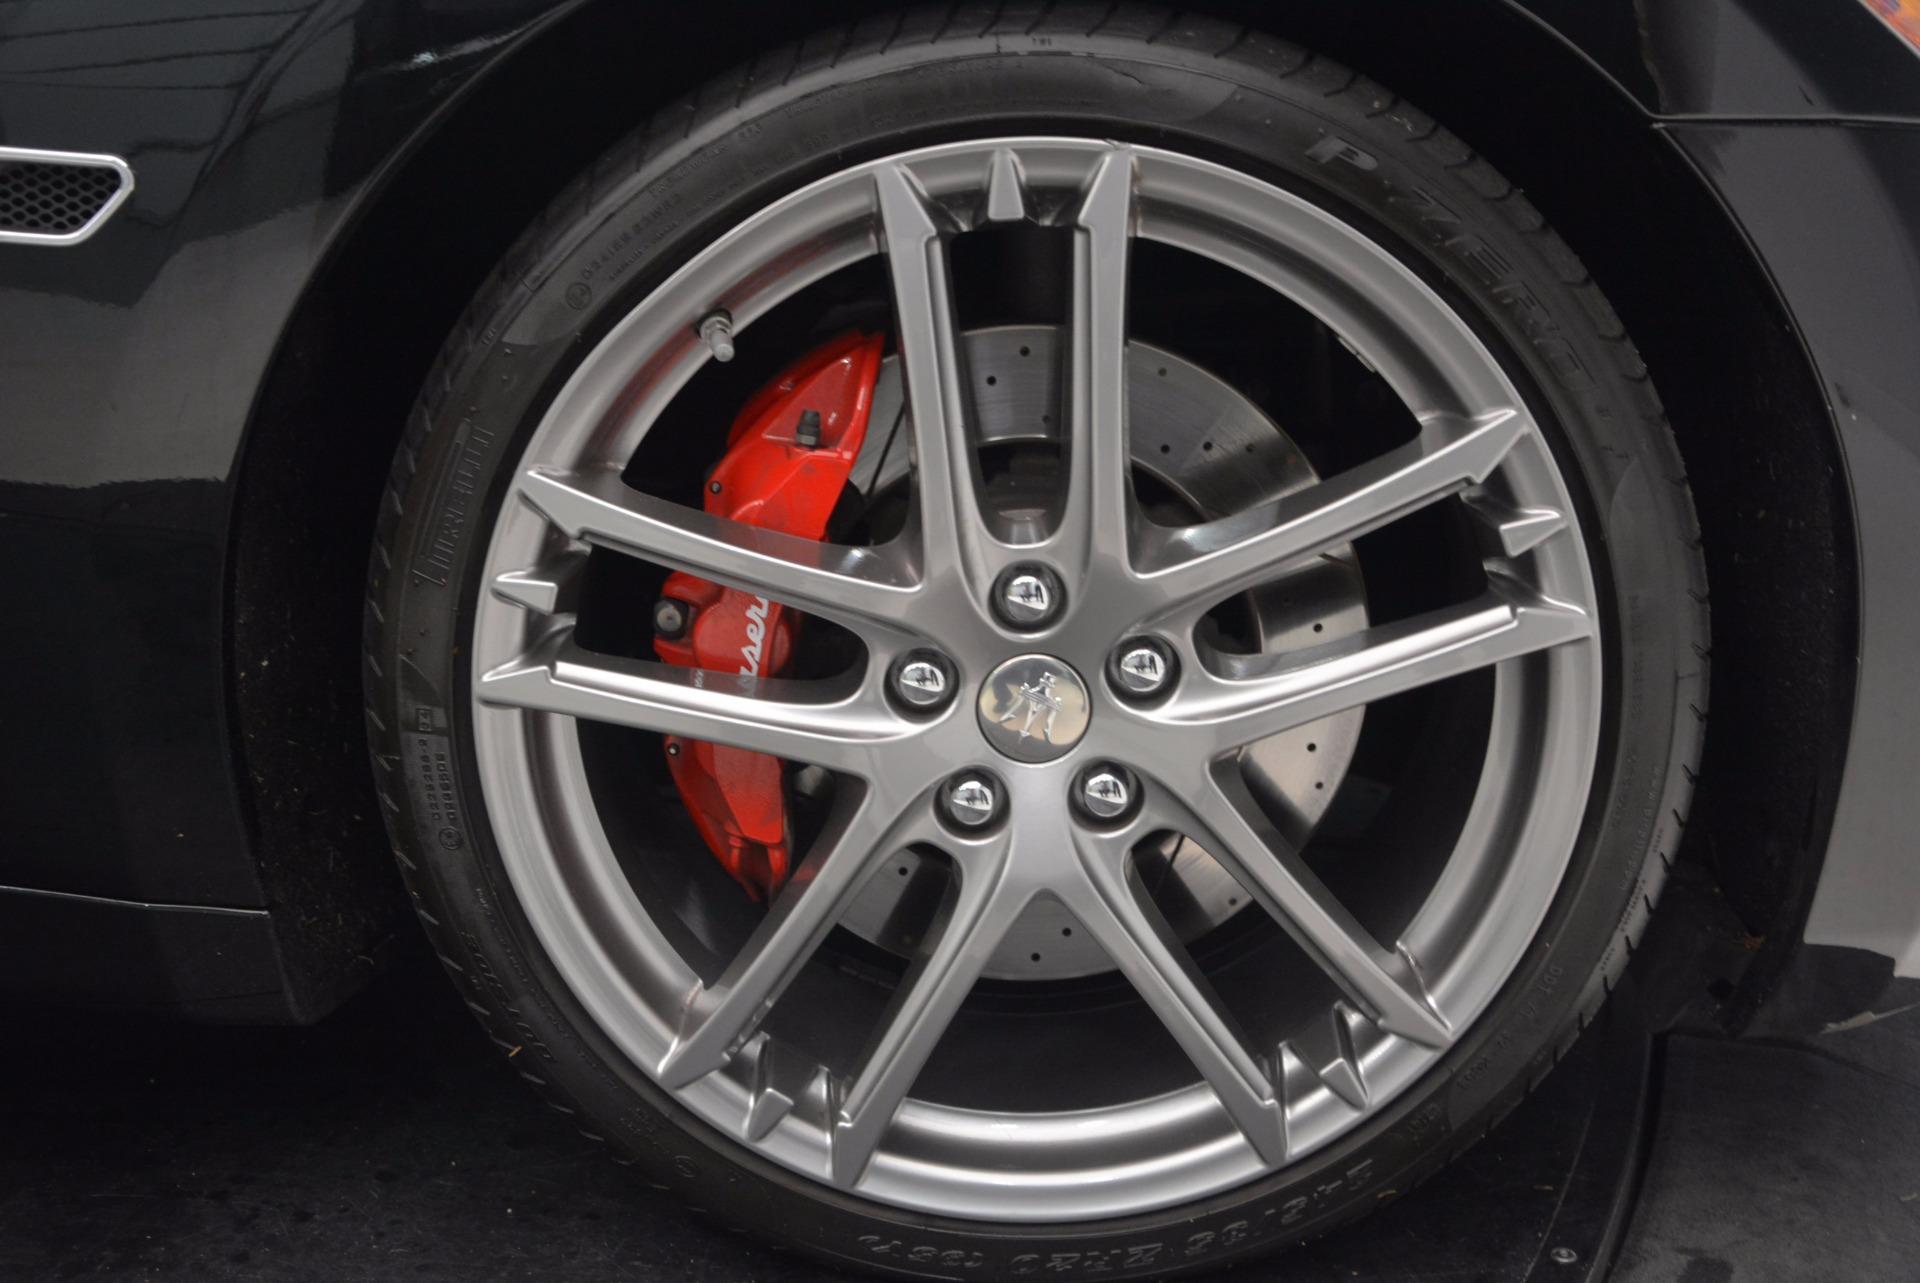 Used 2015 Maserati GranTurismo Sport Coupe For Sale In Greenwich, CT 1557_p27